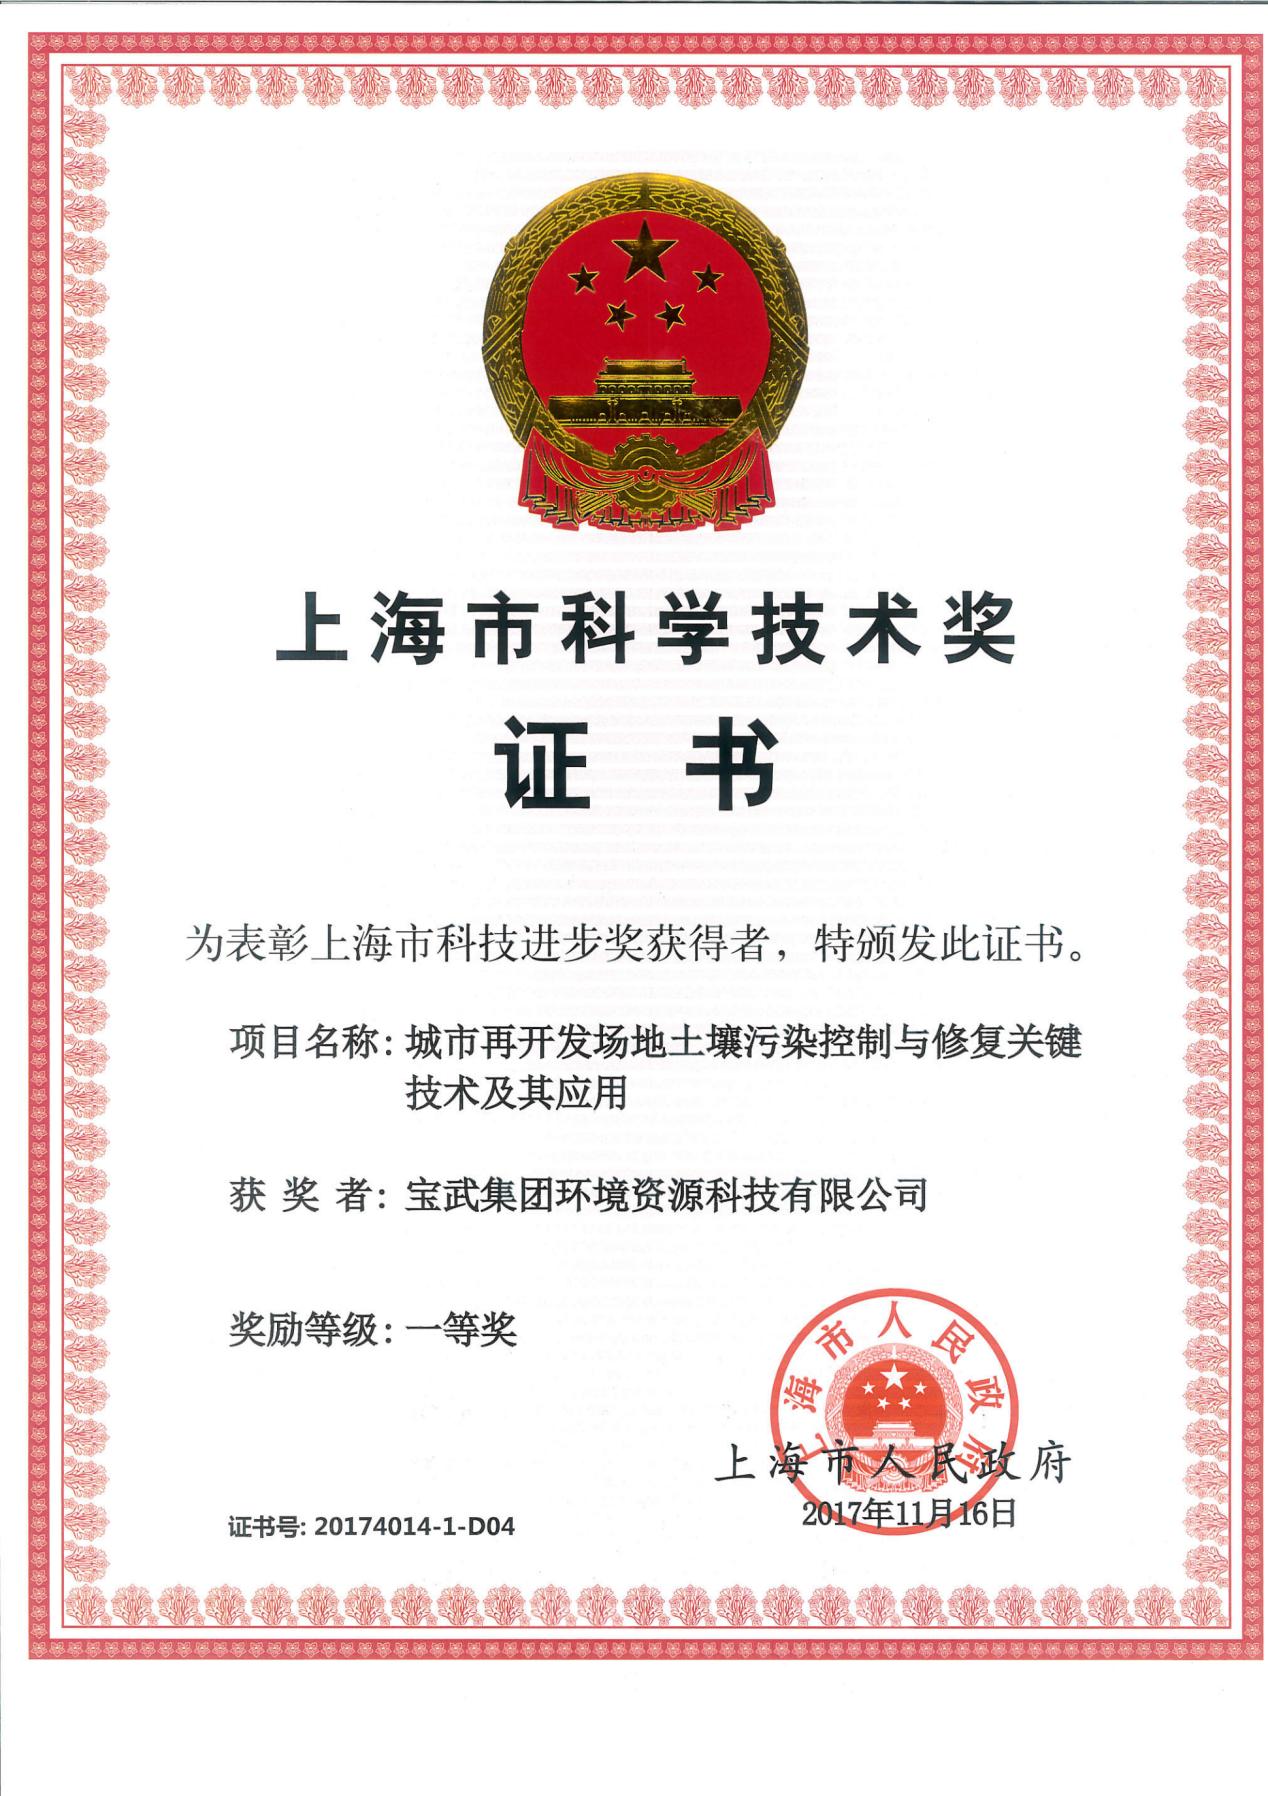 上海市科学技术进步奖_00